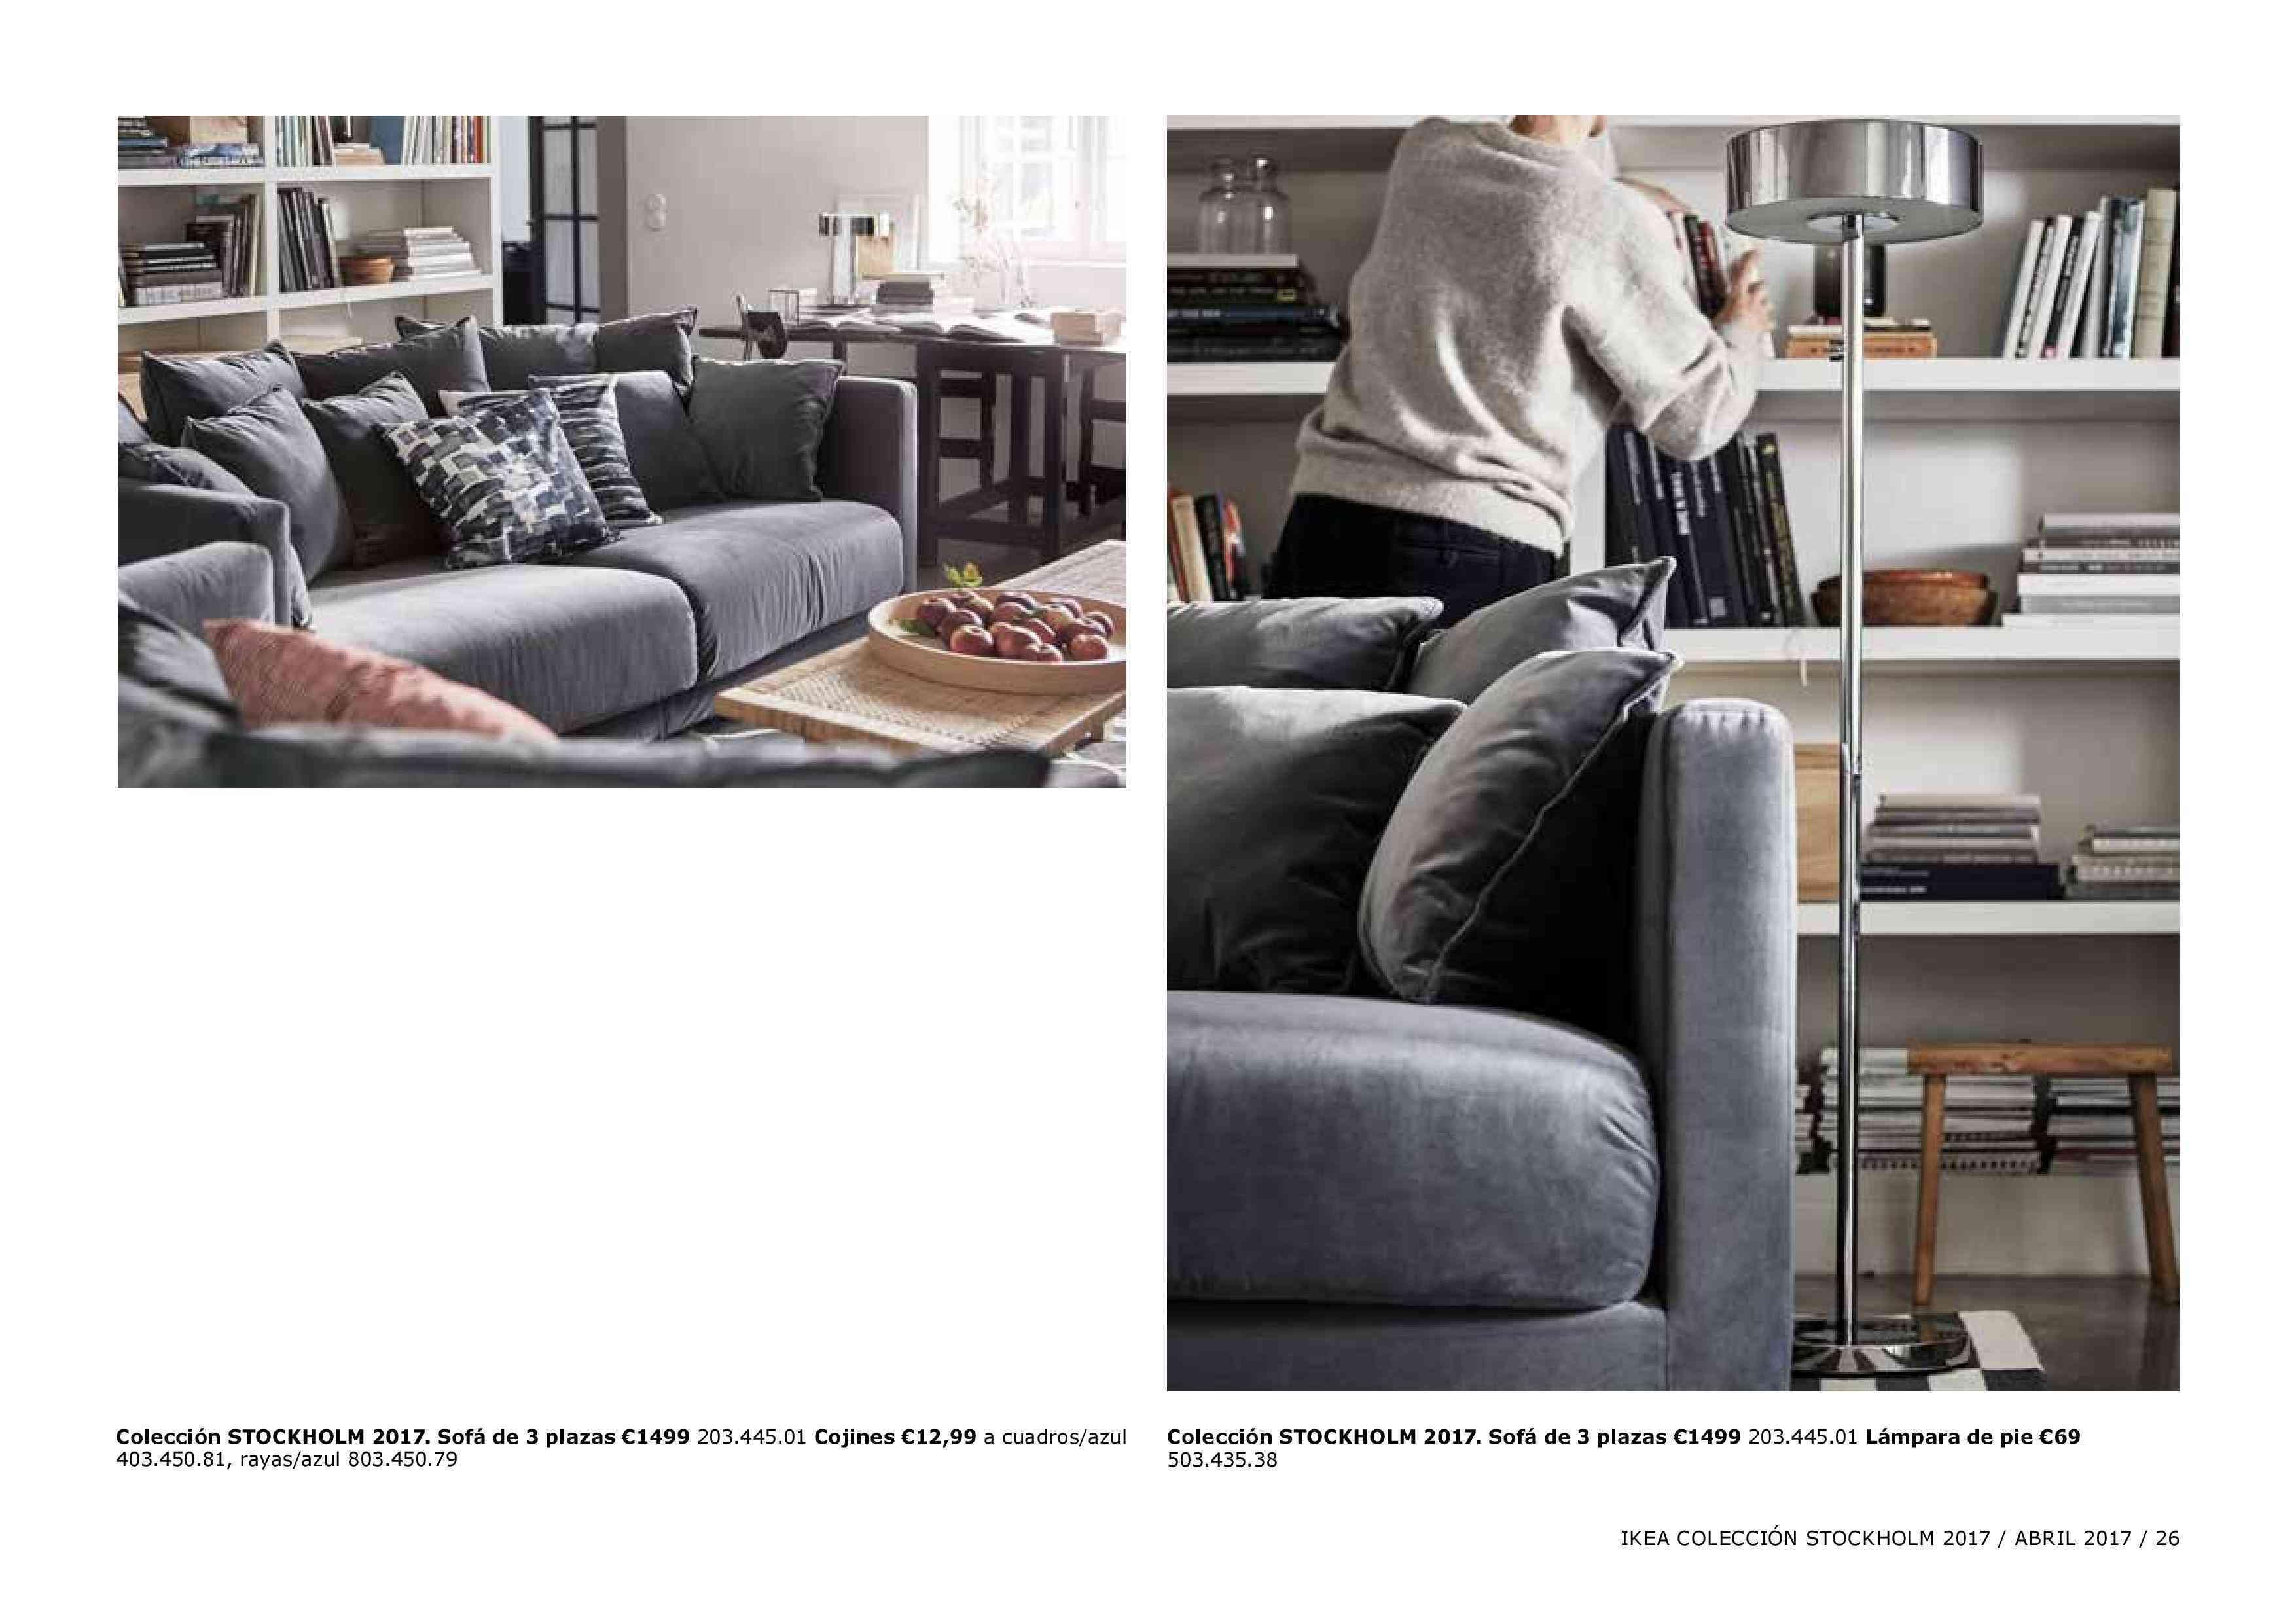 Disfruta la vida sin prisas con la colección Stockholm 2017 de IKEA 120